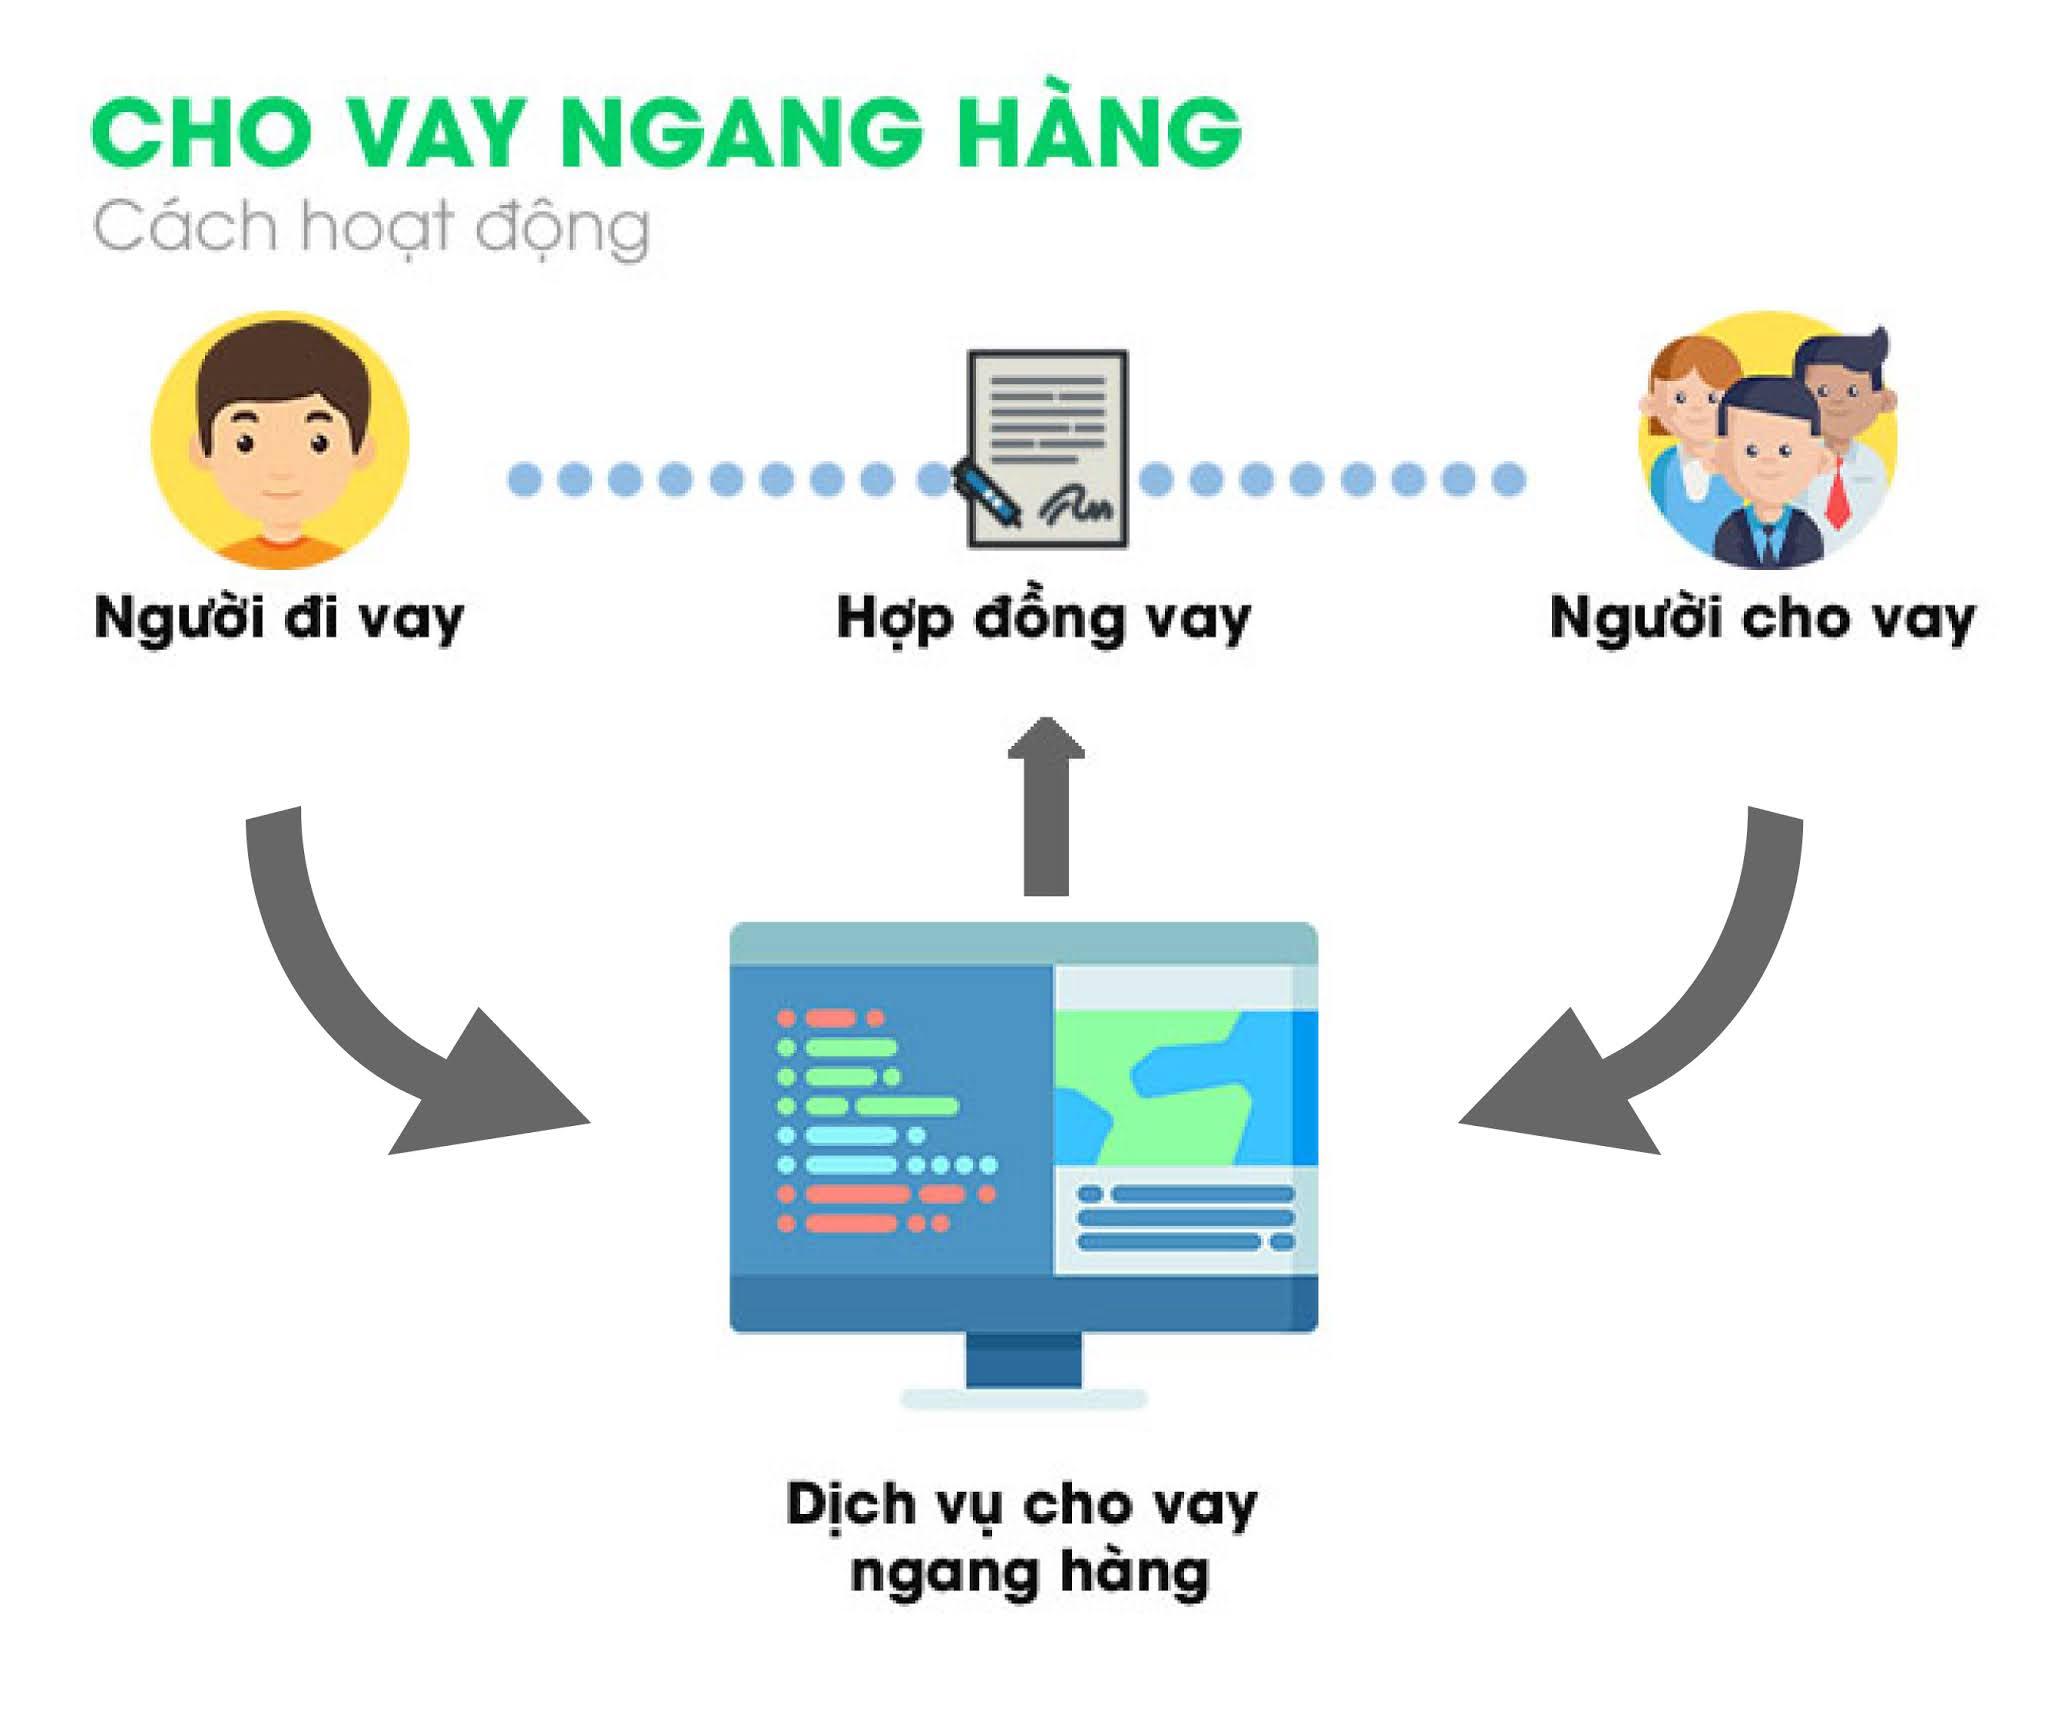 Cho vay ngang hàng P2P tại Việt Nam